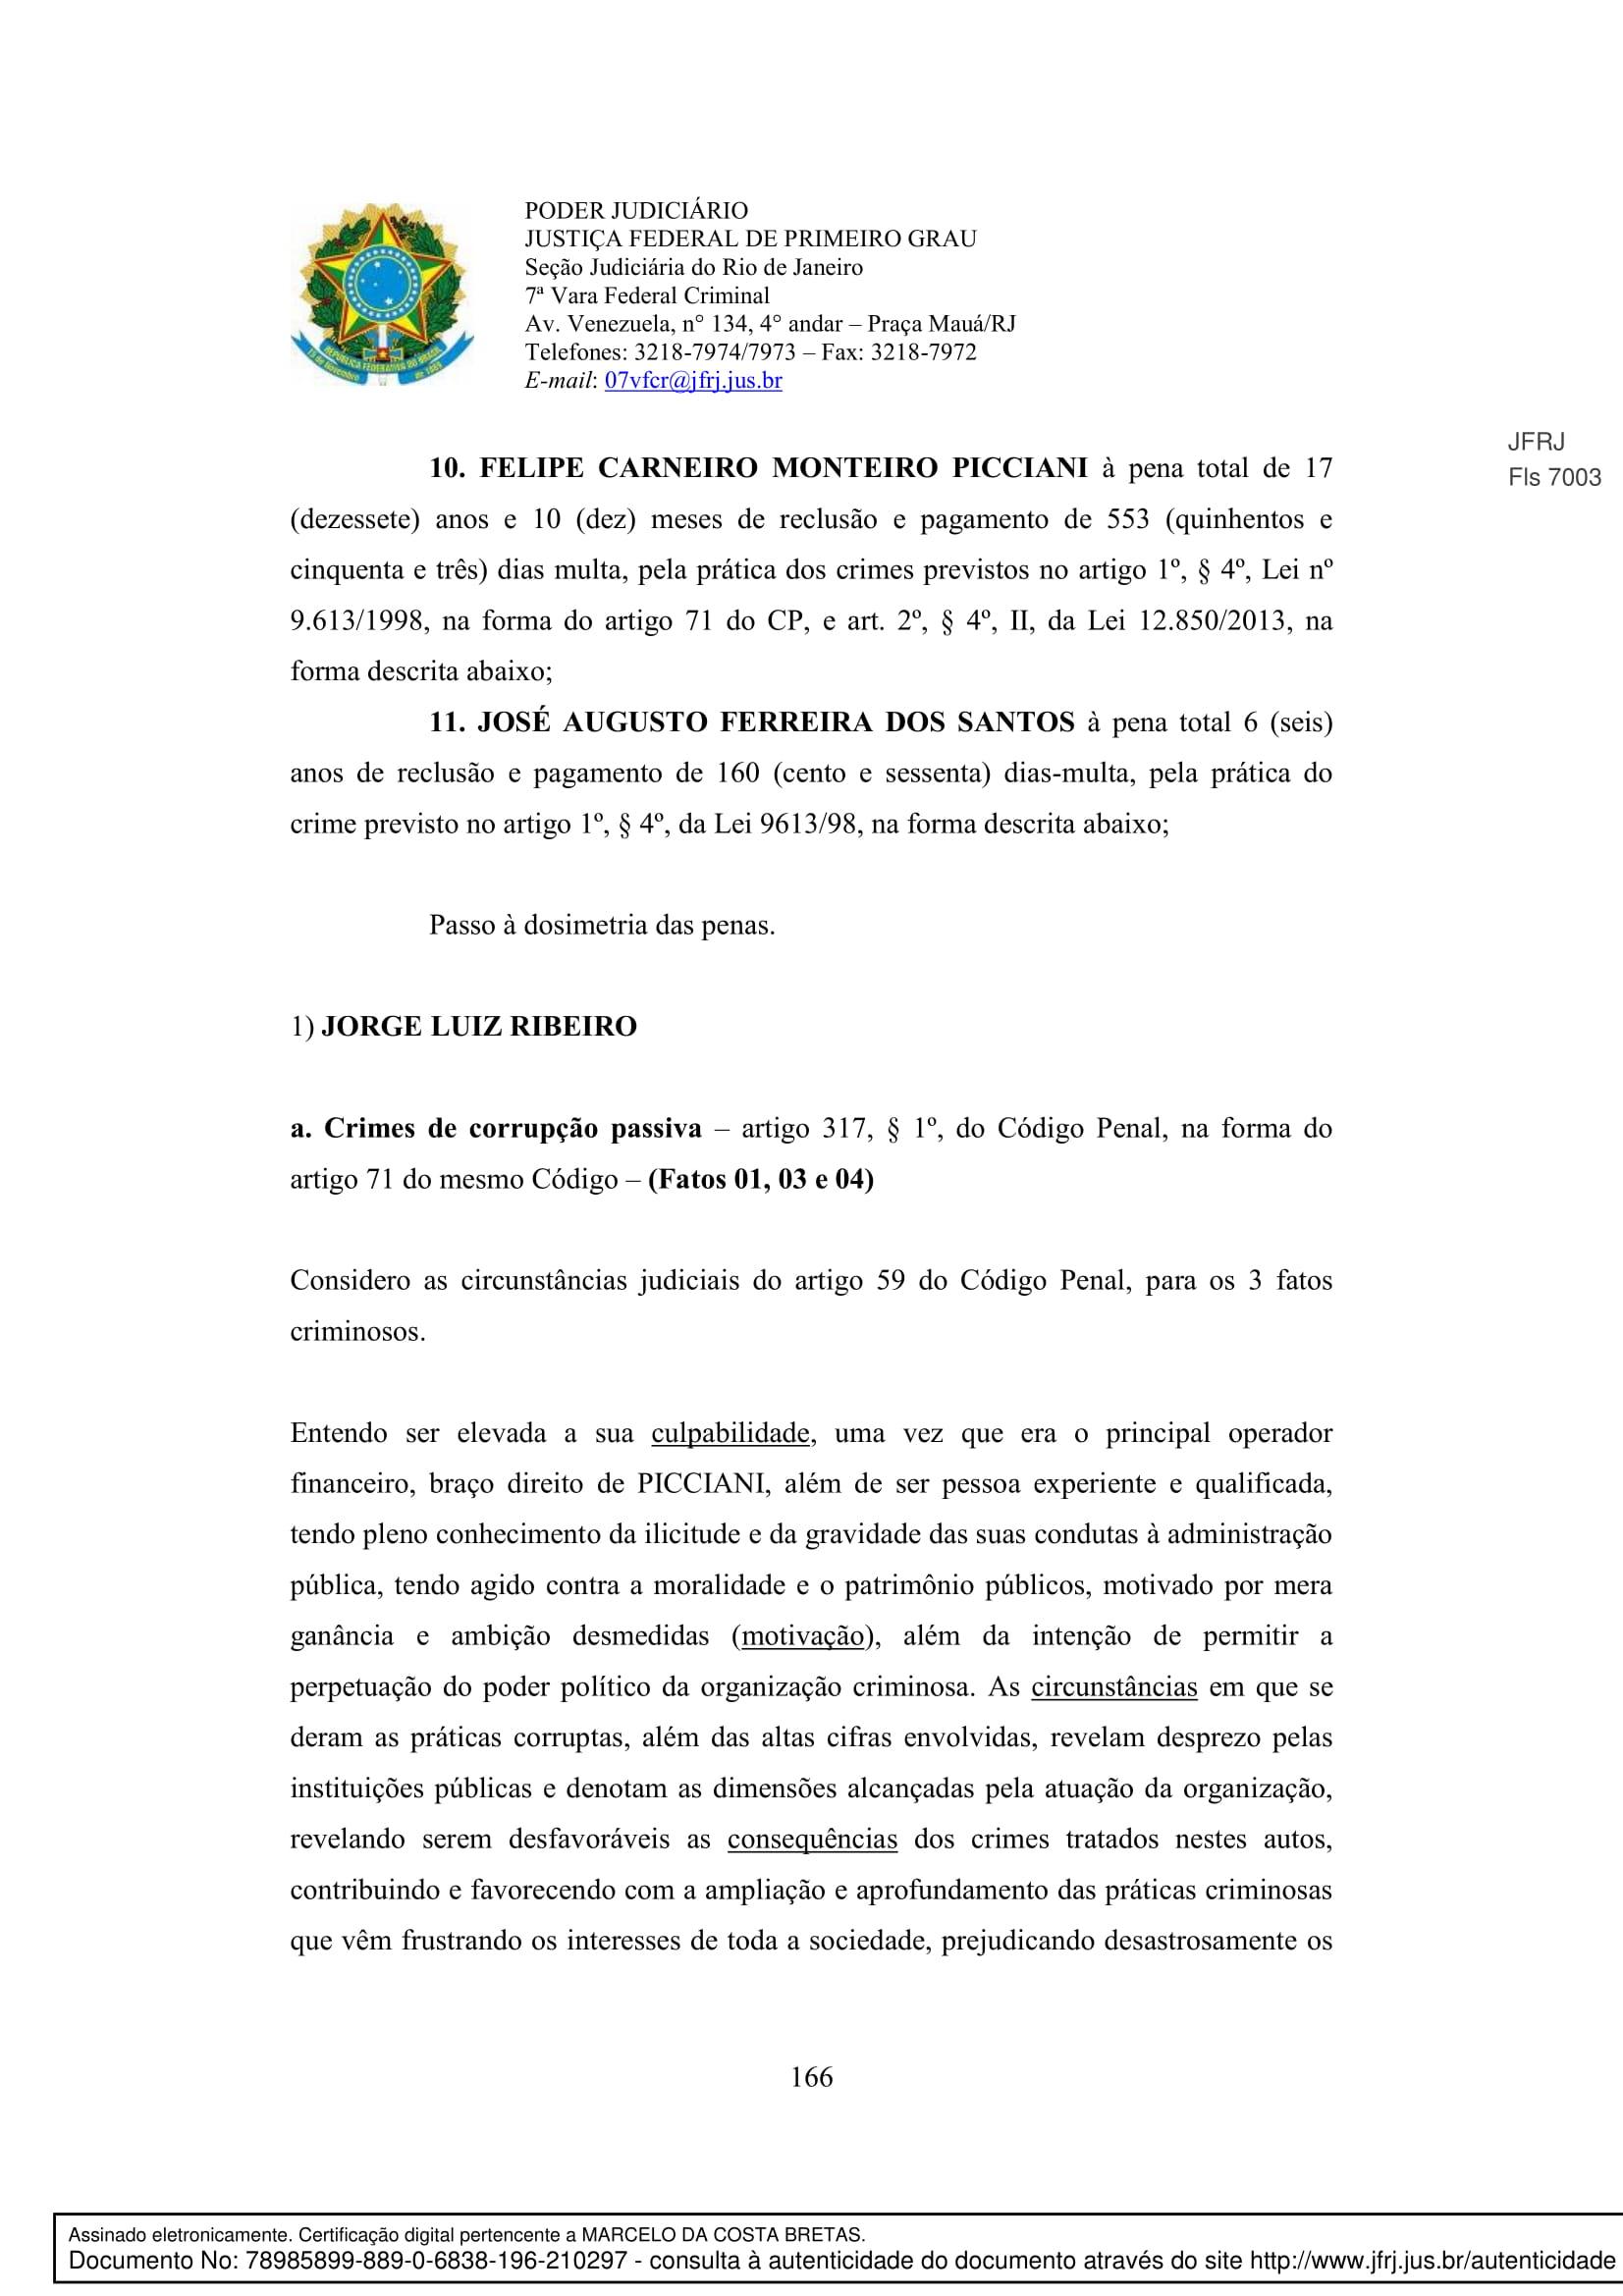 Sentenca-Cadeia-Velha-7VFC-166